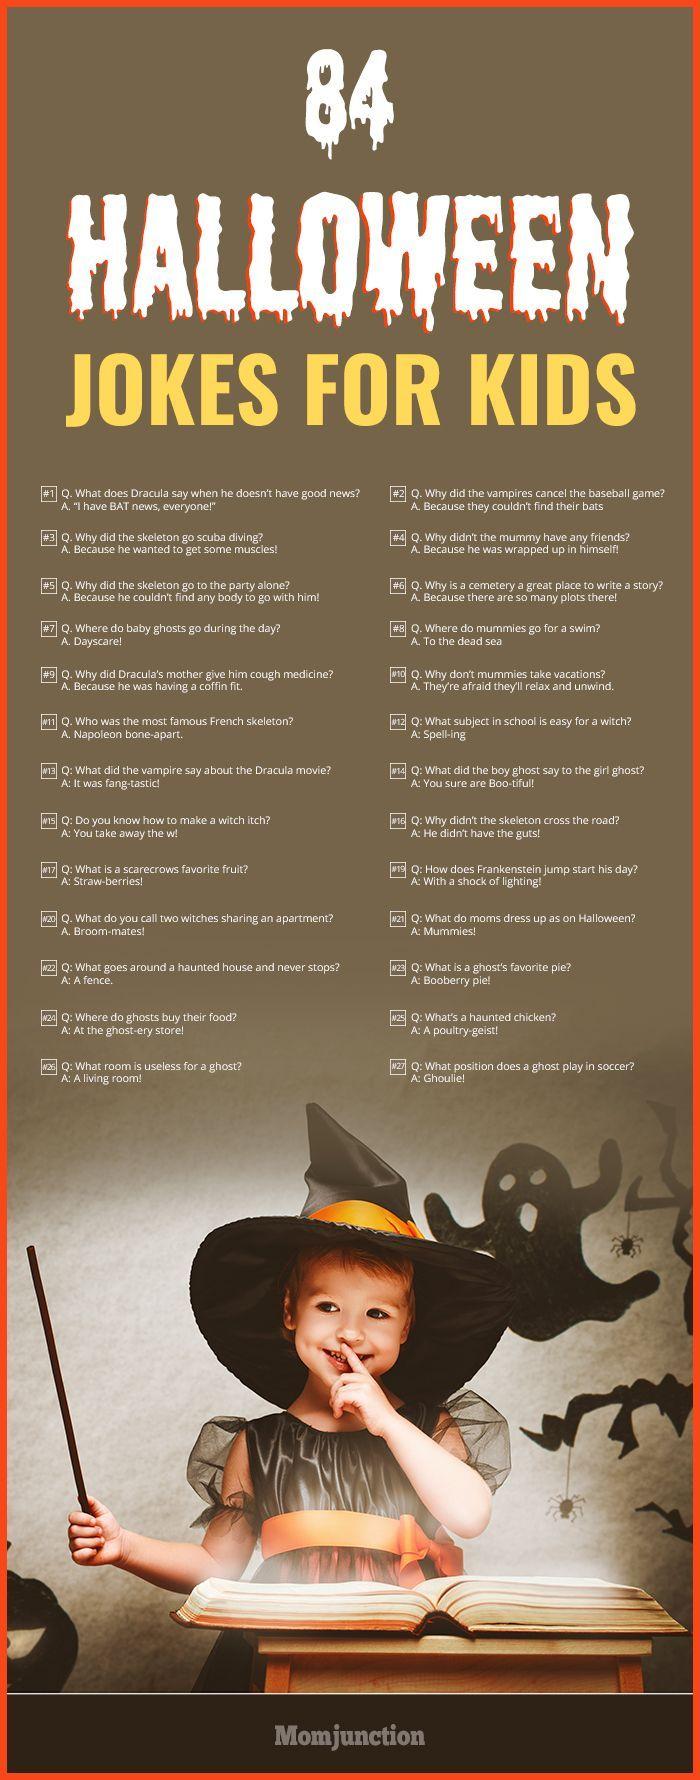 84 Funny Halloween Jokes For Kids